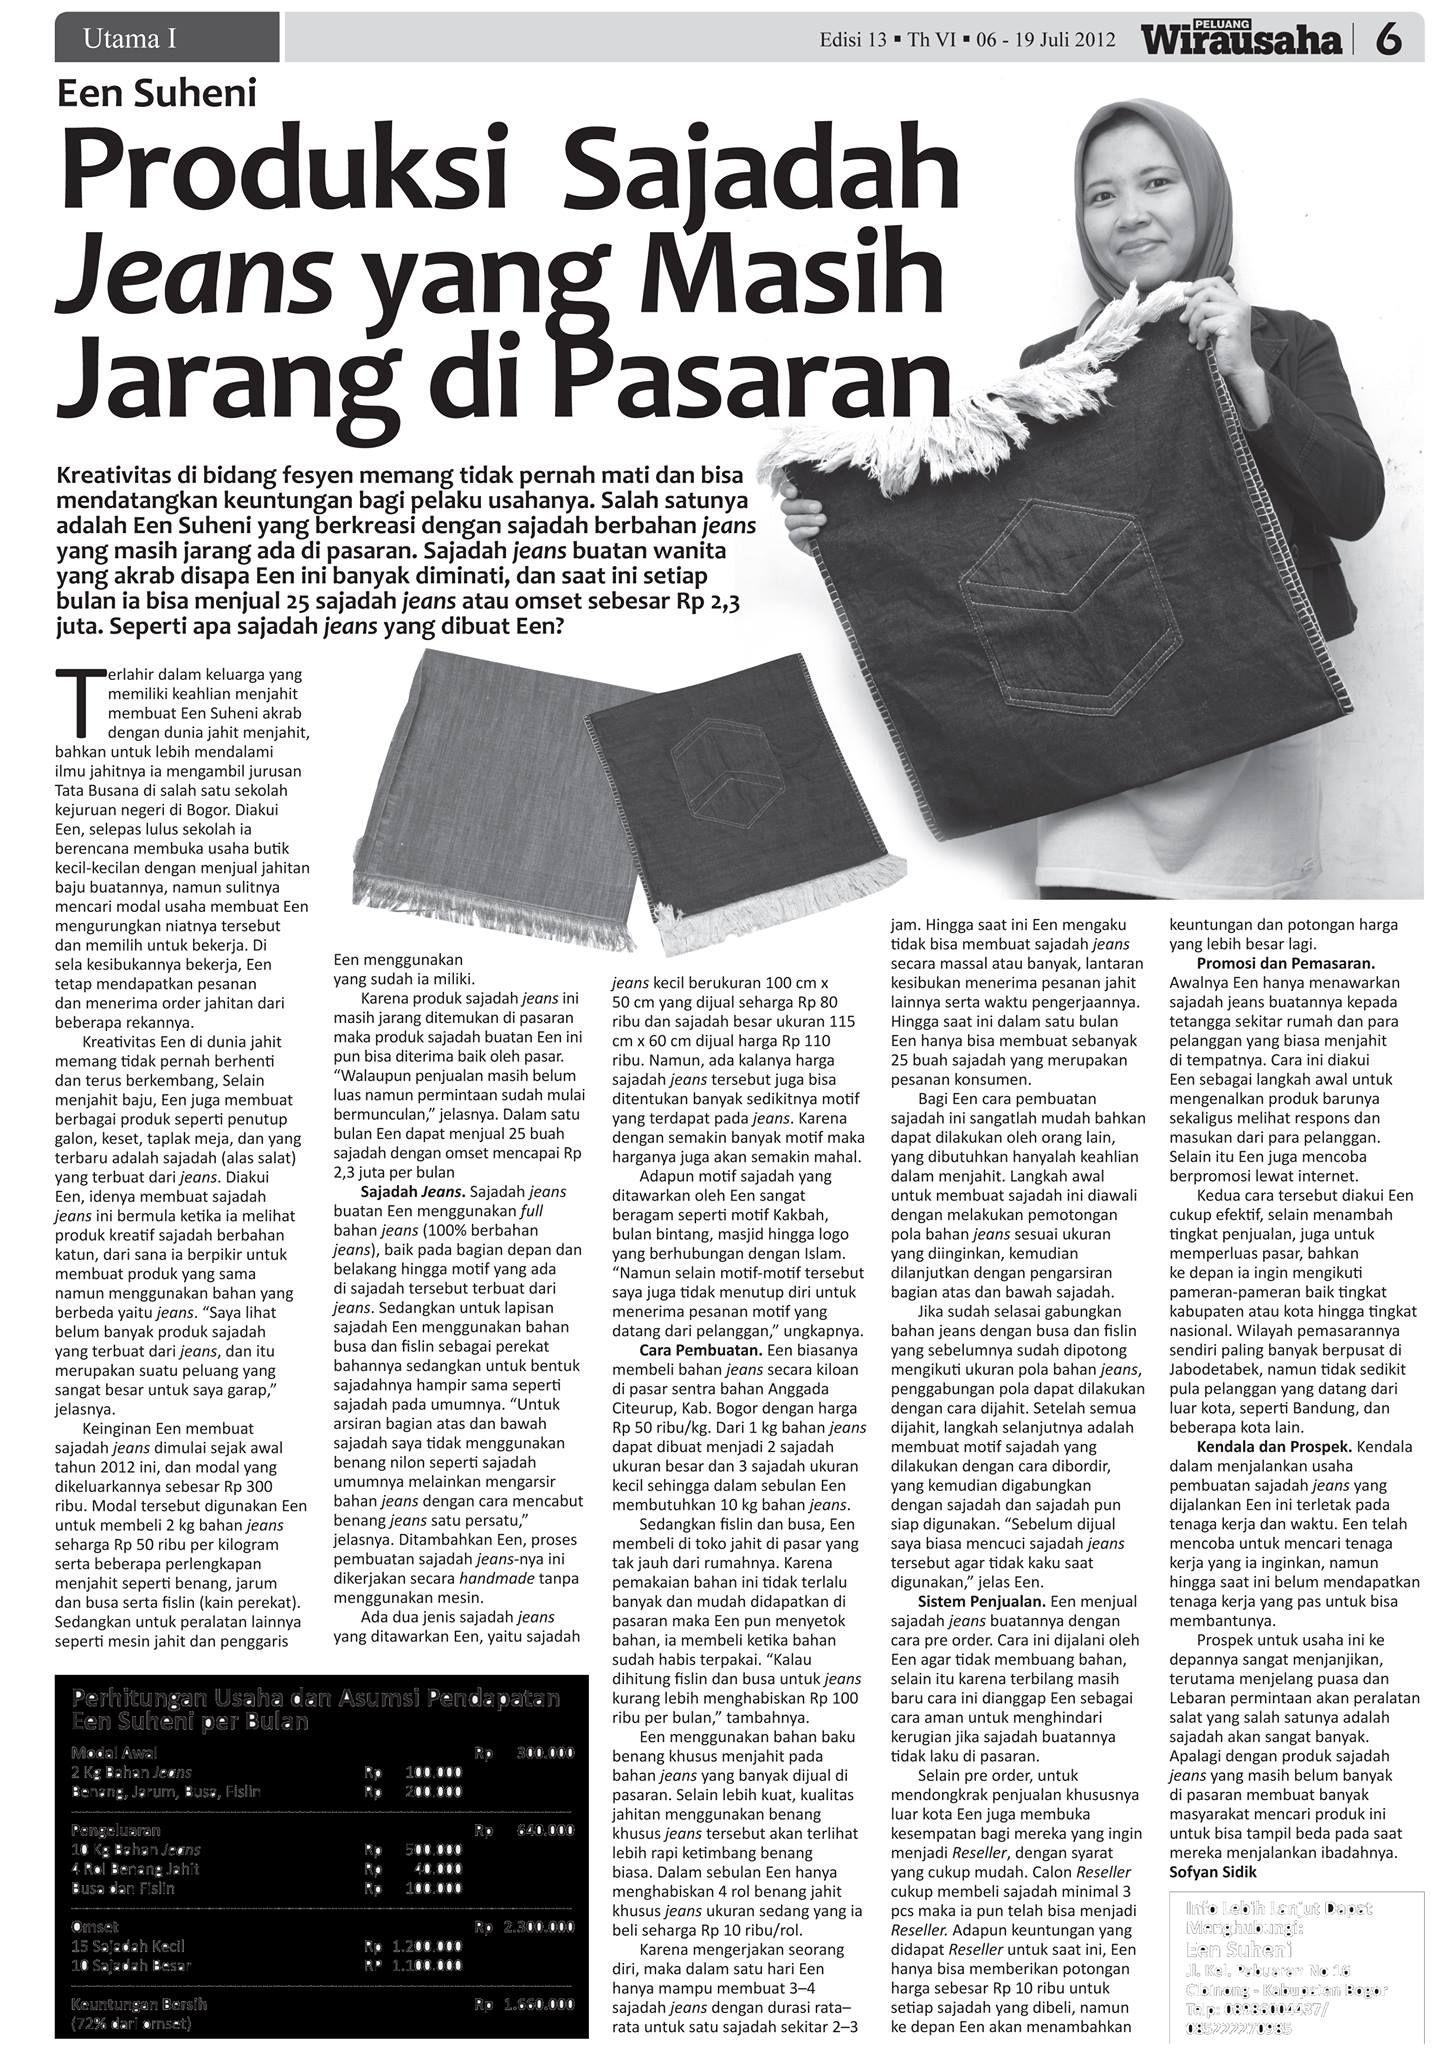 Sajadah Jeans Sebuah Produk Inovasi Sajadah Dengan Menggunakan